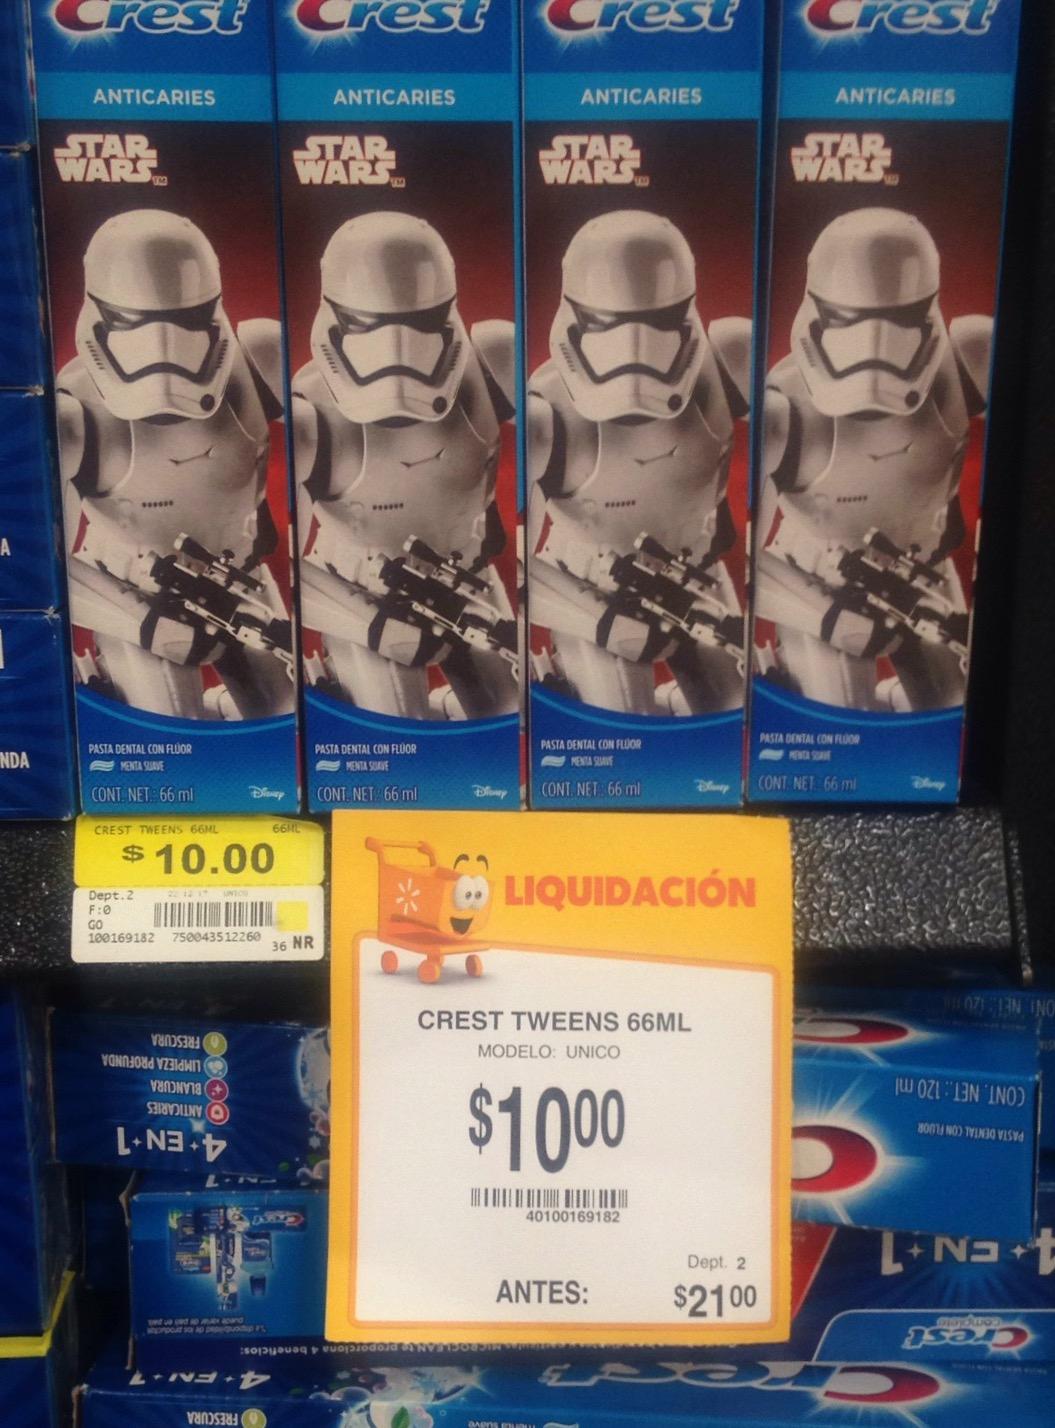 Walmart: Pasta Crest Star Wars $10.00